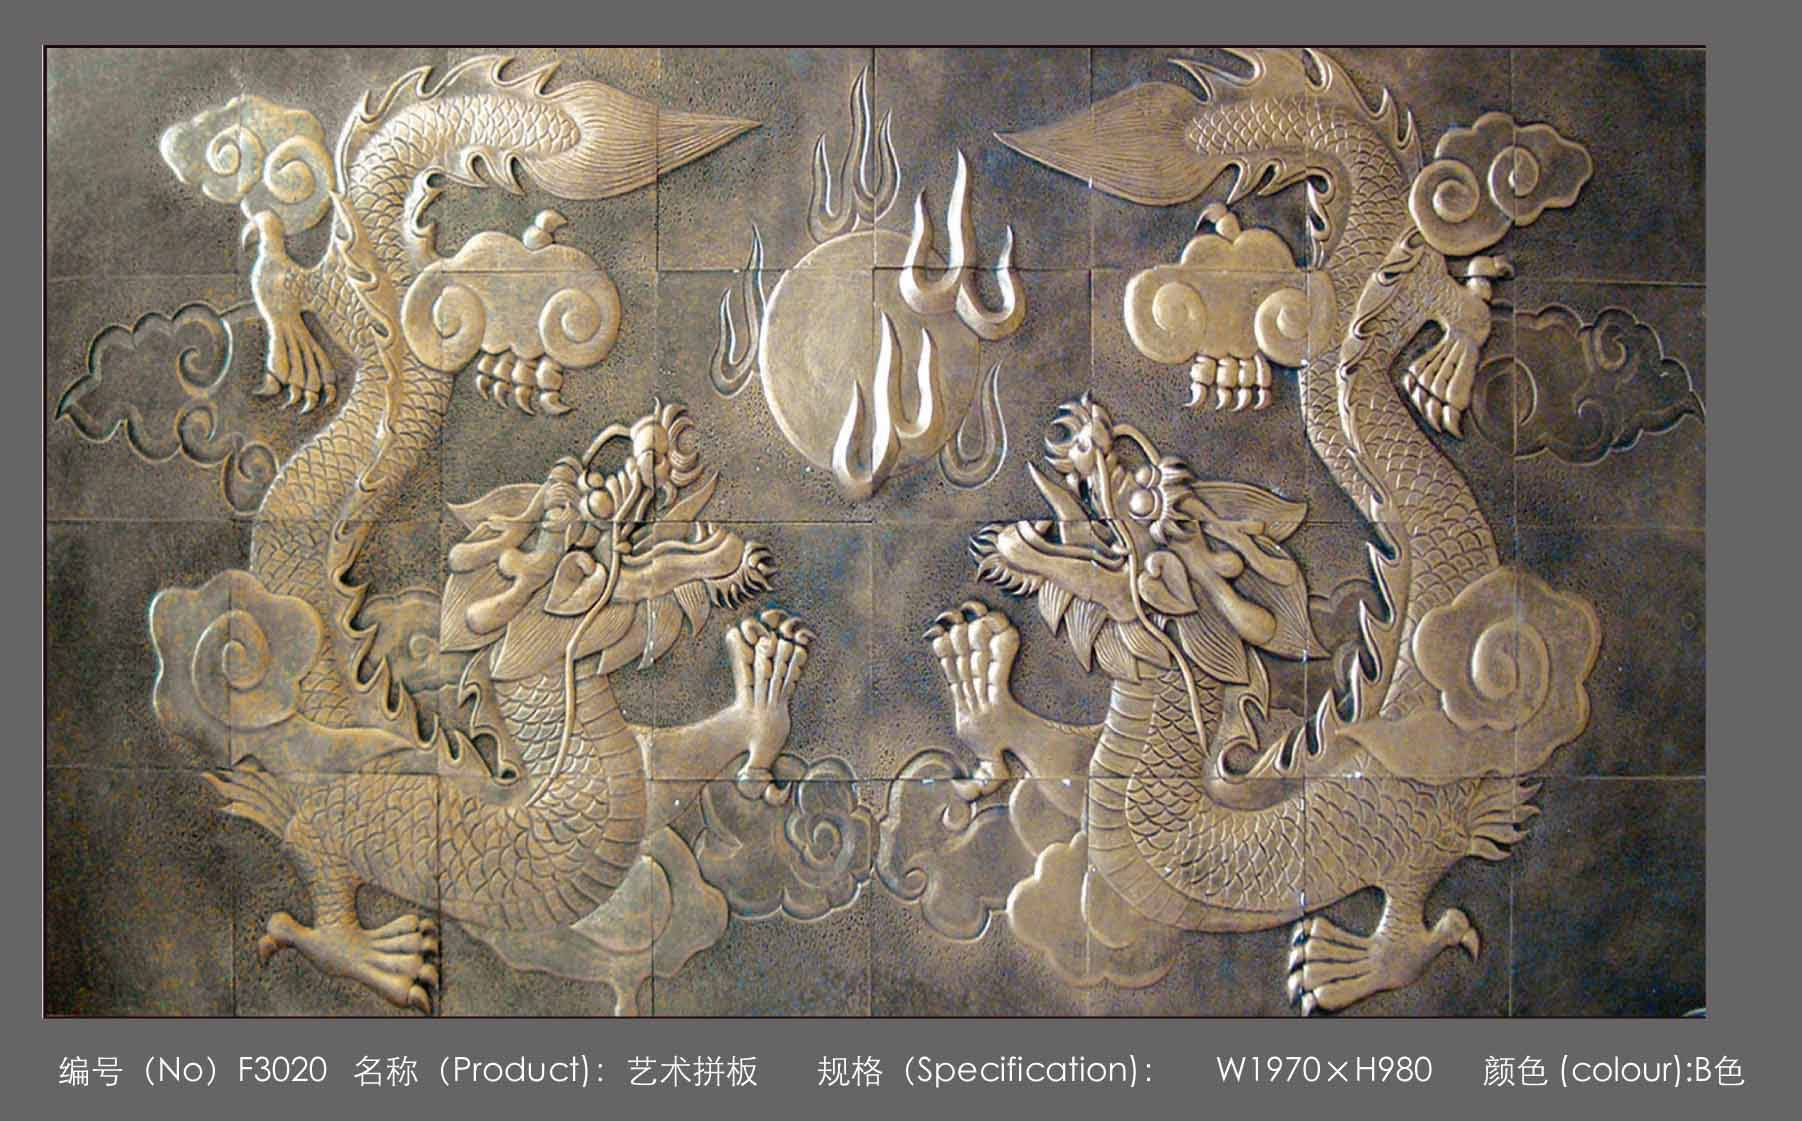 一家专业设计制作欧式景观产品,主要有砂岩浮雕 人造砂岩雕塑    人造